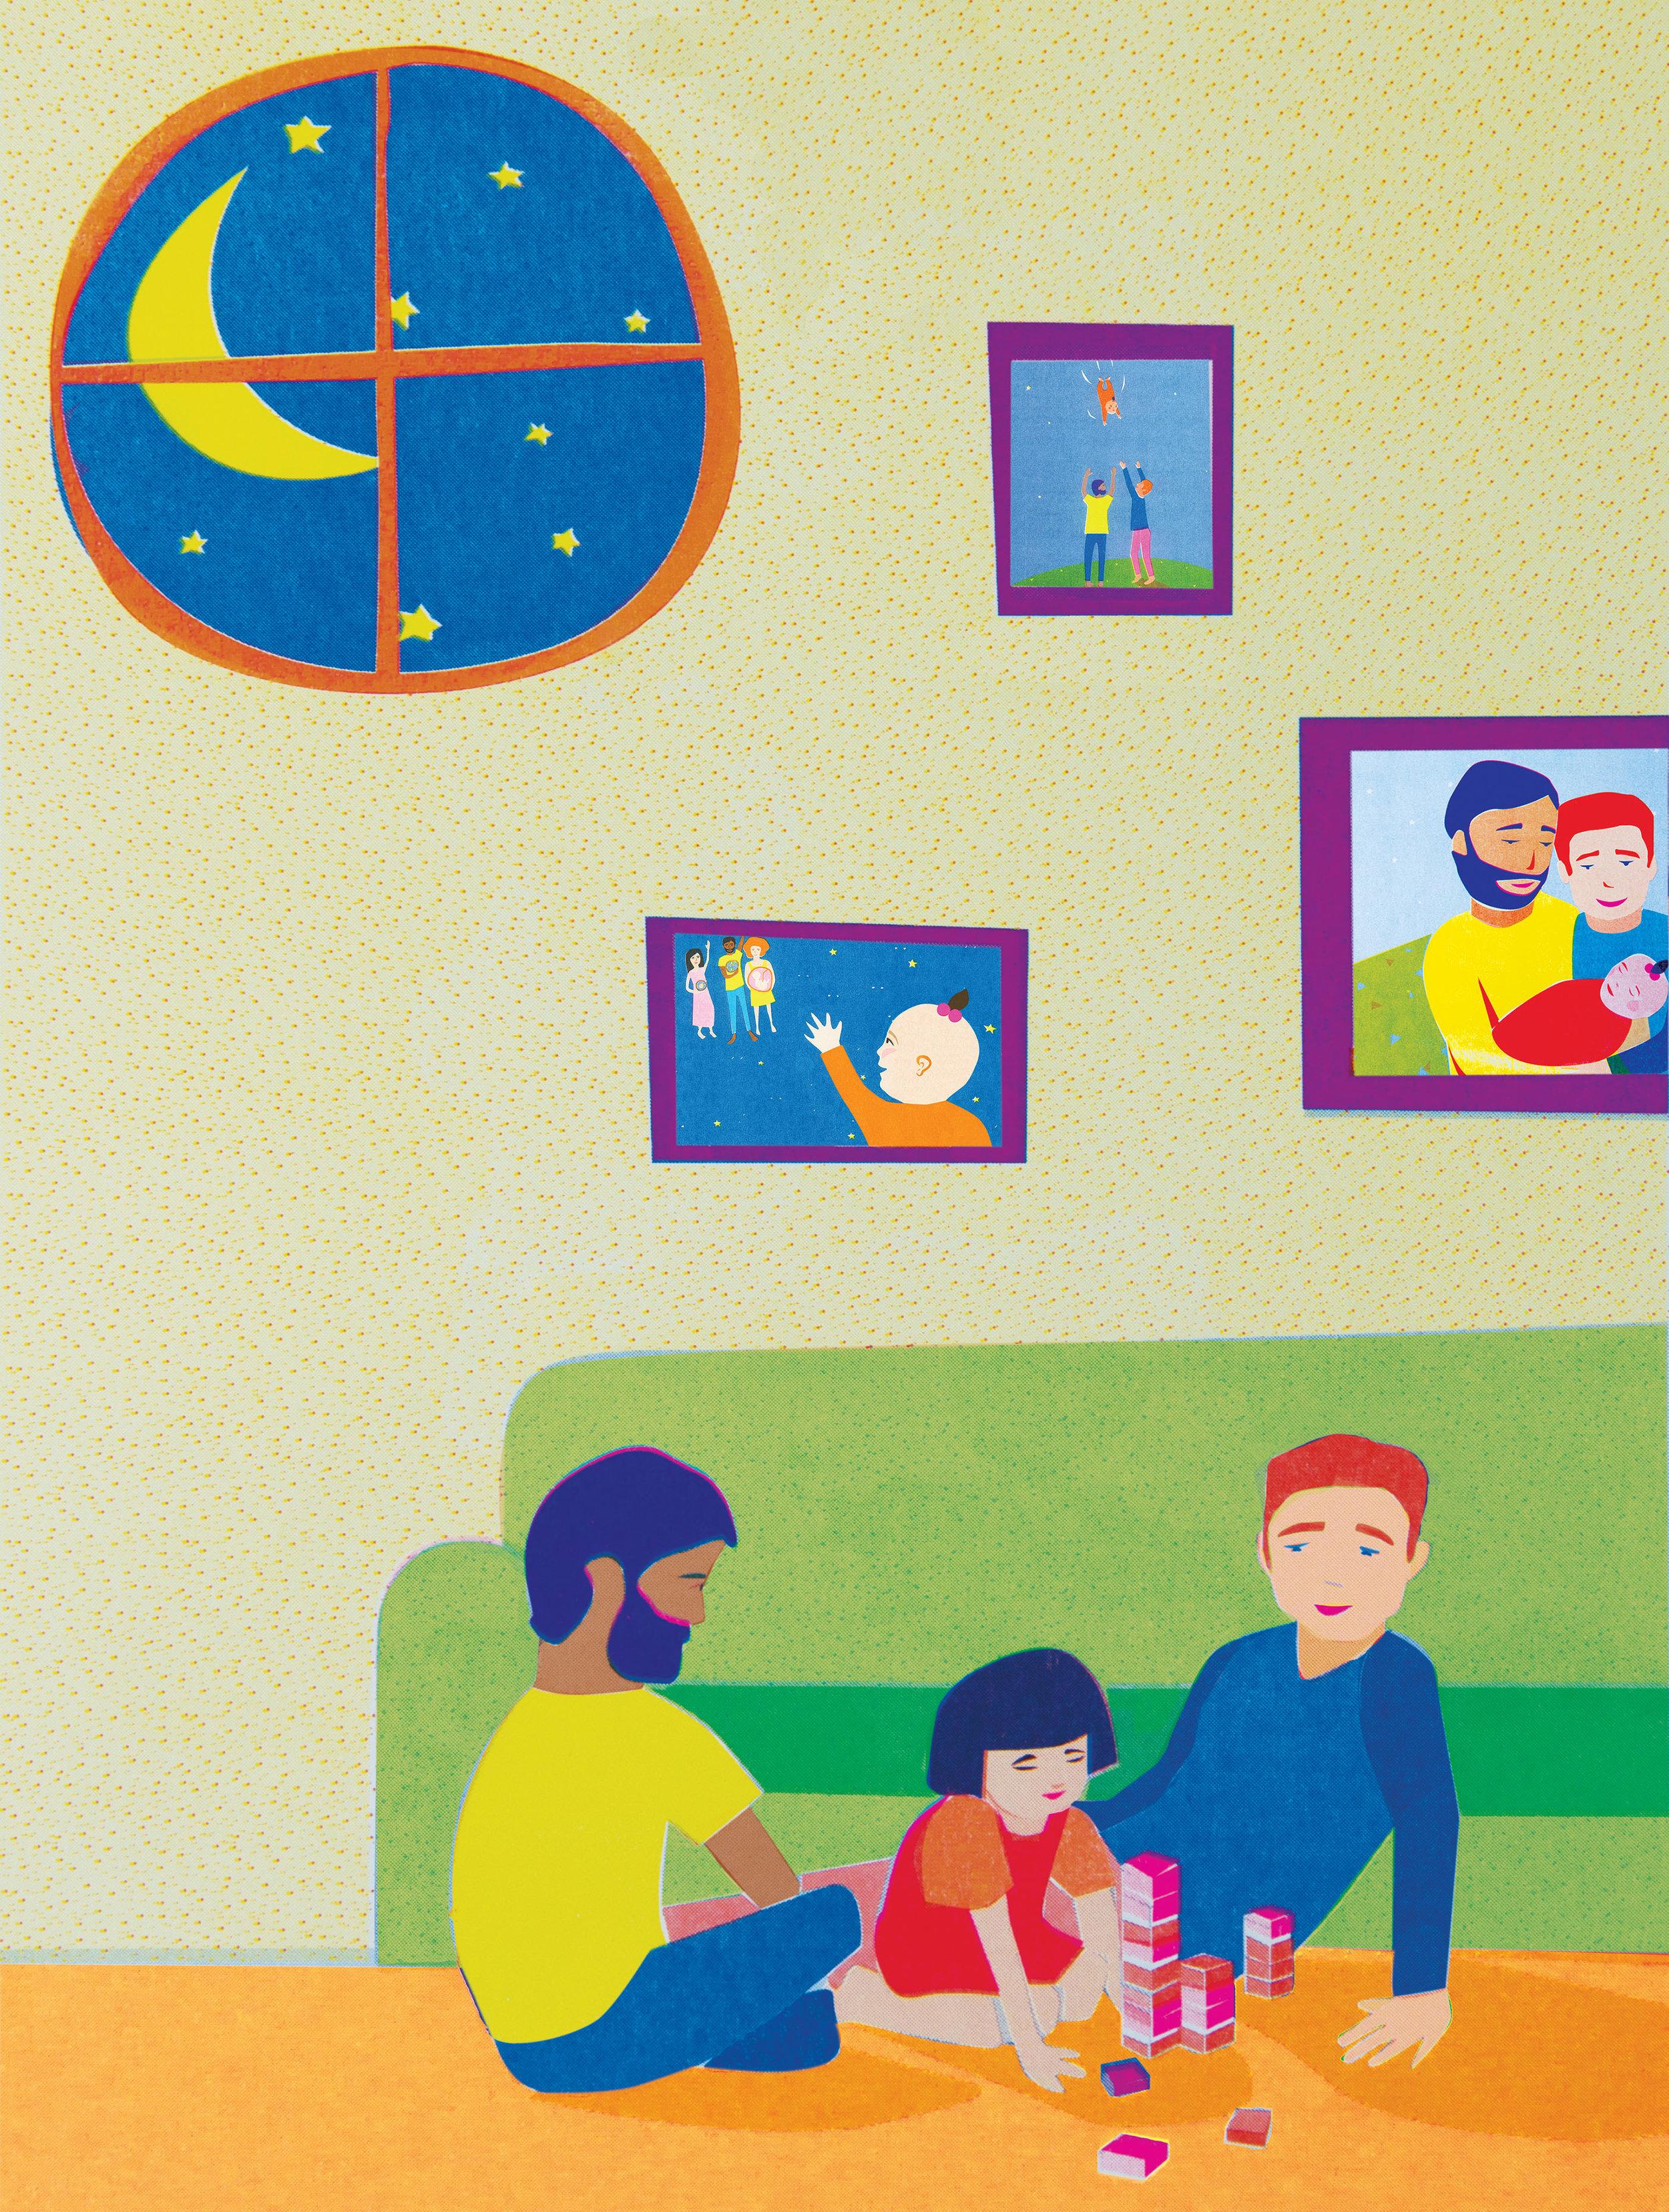 illustration_13.jpg